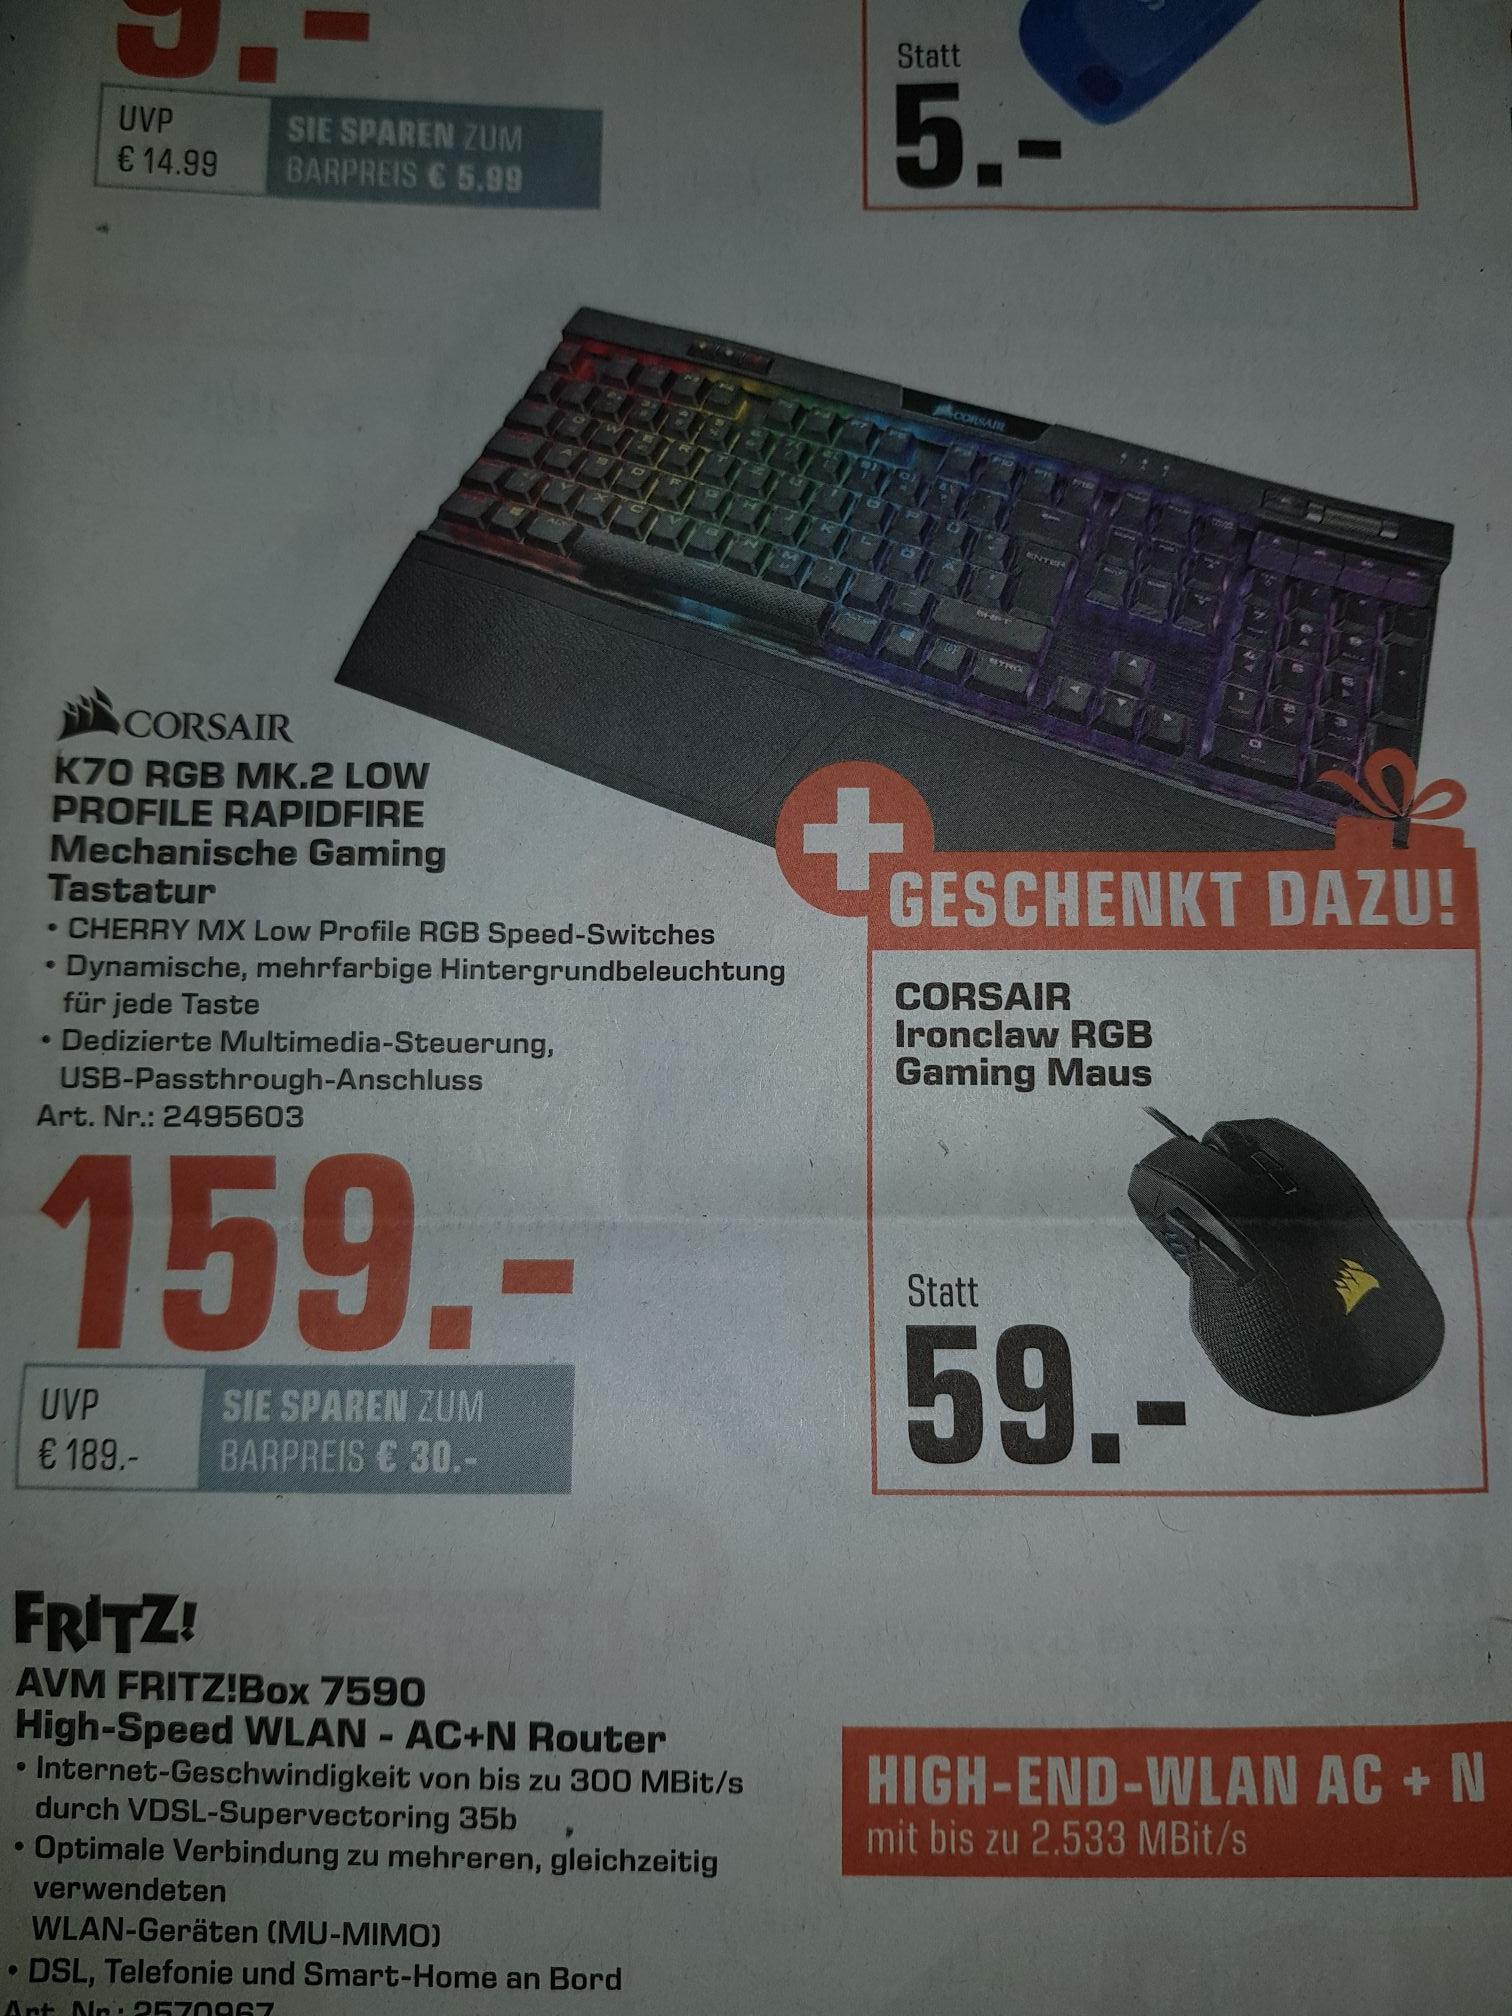 CORSAIR K70 RGB MK.2 LOW PROFILE RAPIDFIRE, Gaming Keyboard, Mechanisch + CORSAIR IRONCLAW Gaming Maus, kabelgebunden, Schwarz,